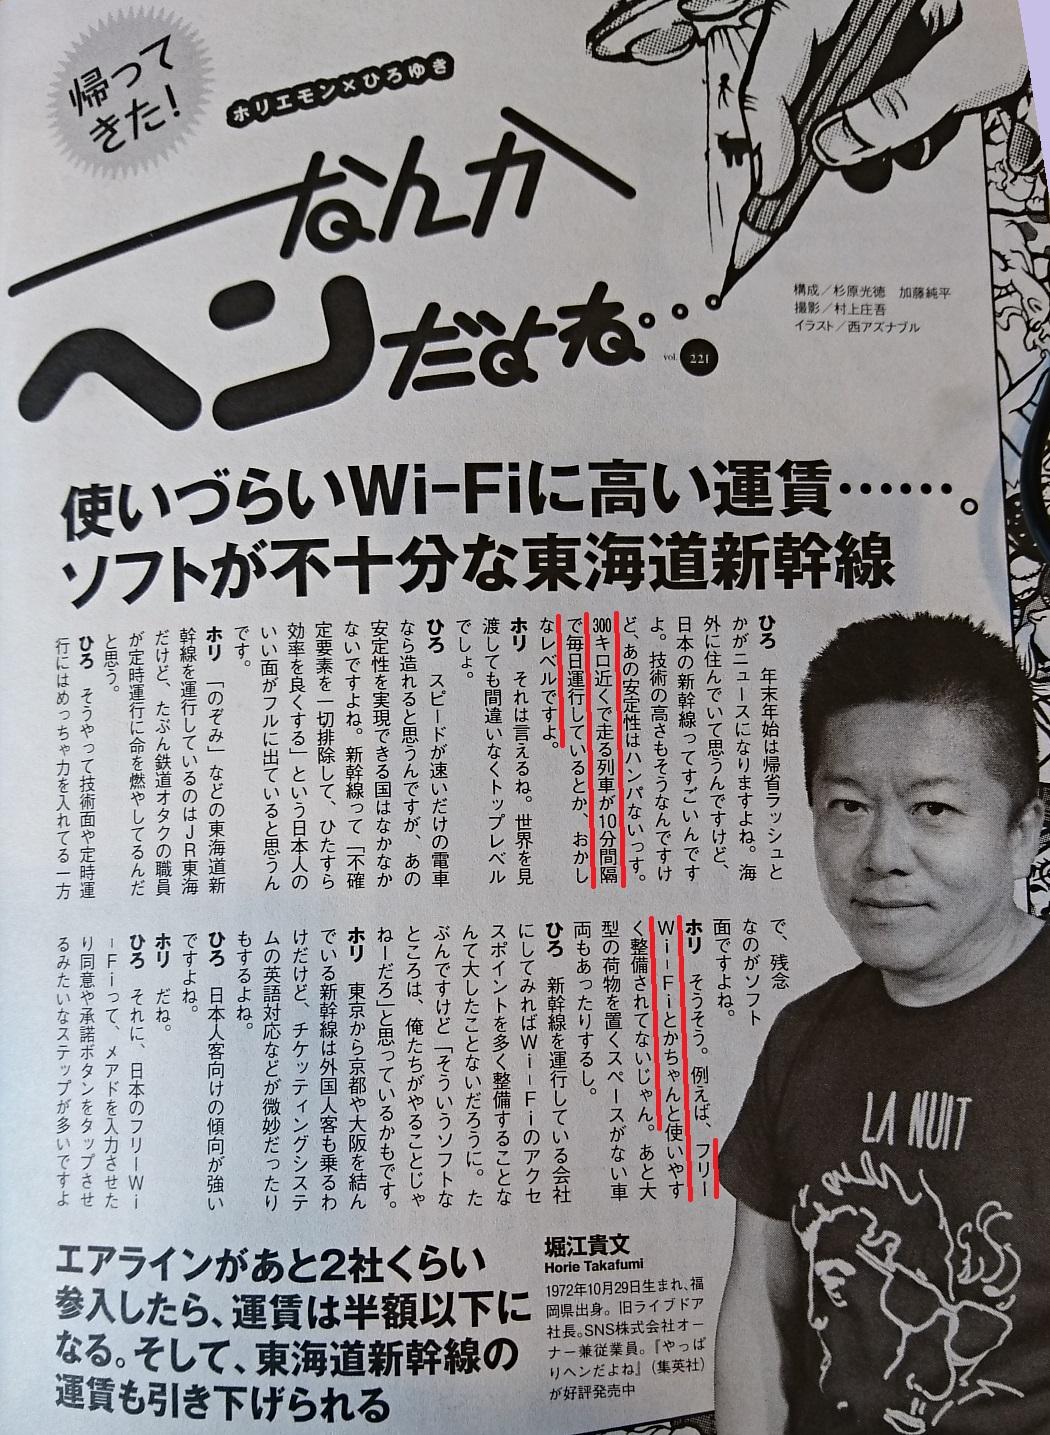 堀江貴文氏と西村博之氏の東海道新幹線批判(プレーボーイ2017.12.25号) (1)